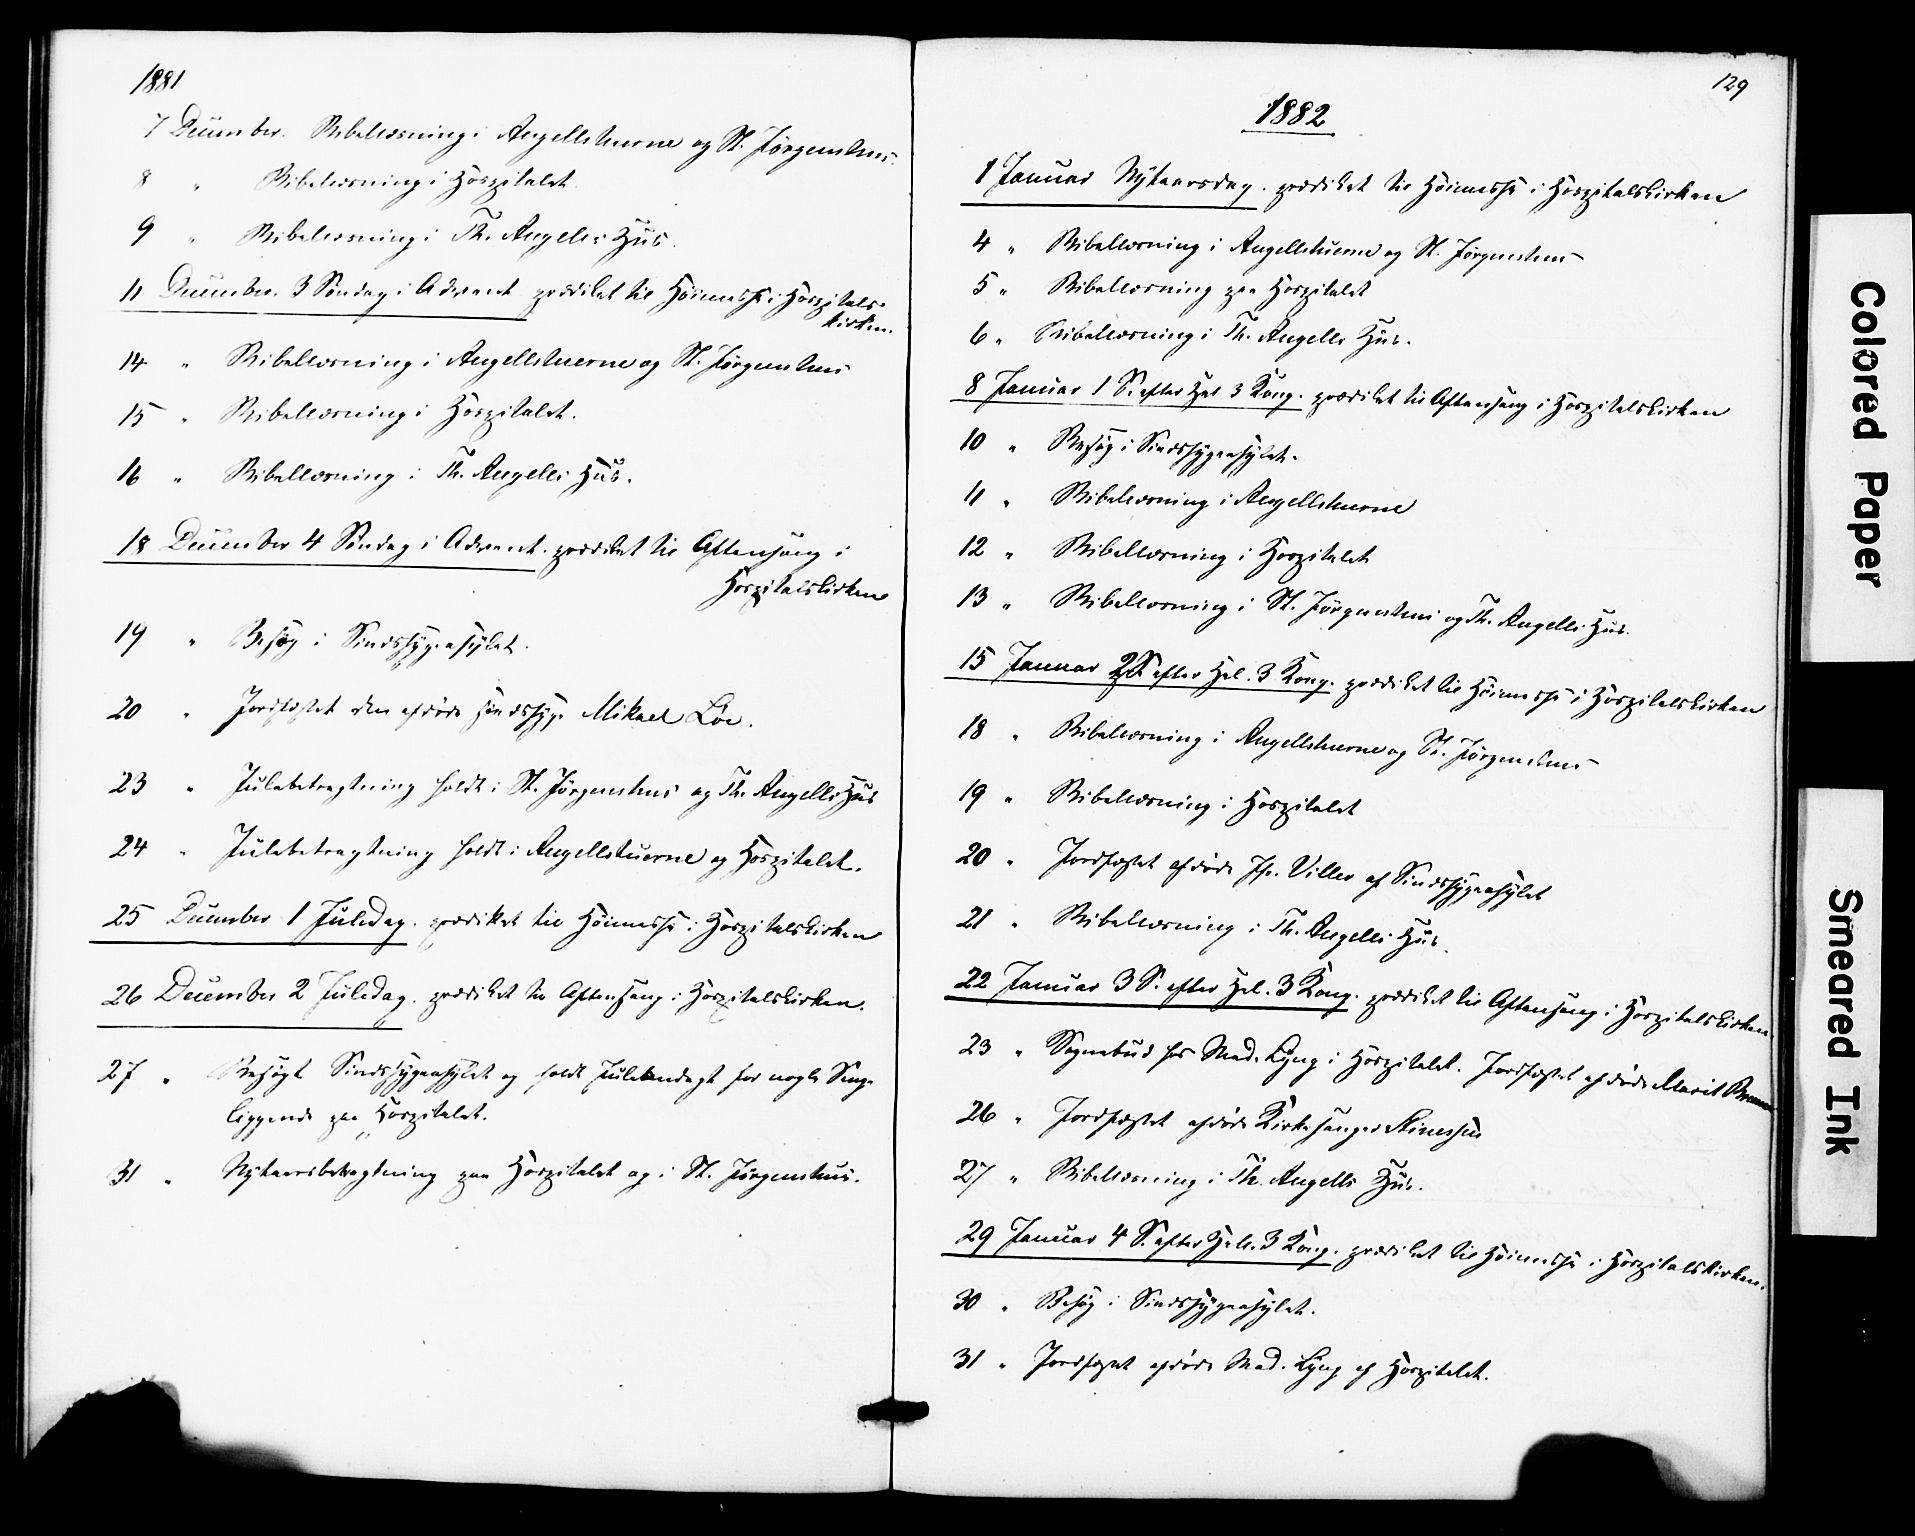 SAT, Ministerialprotokoller, klokkerbøker og fødselsregistre - Sør-Trøndelag, 623/L0469: Ministerialbok nr. 623A03, 1868-1883, s. 129